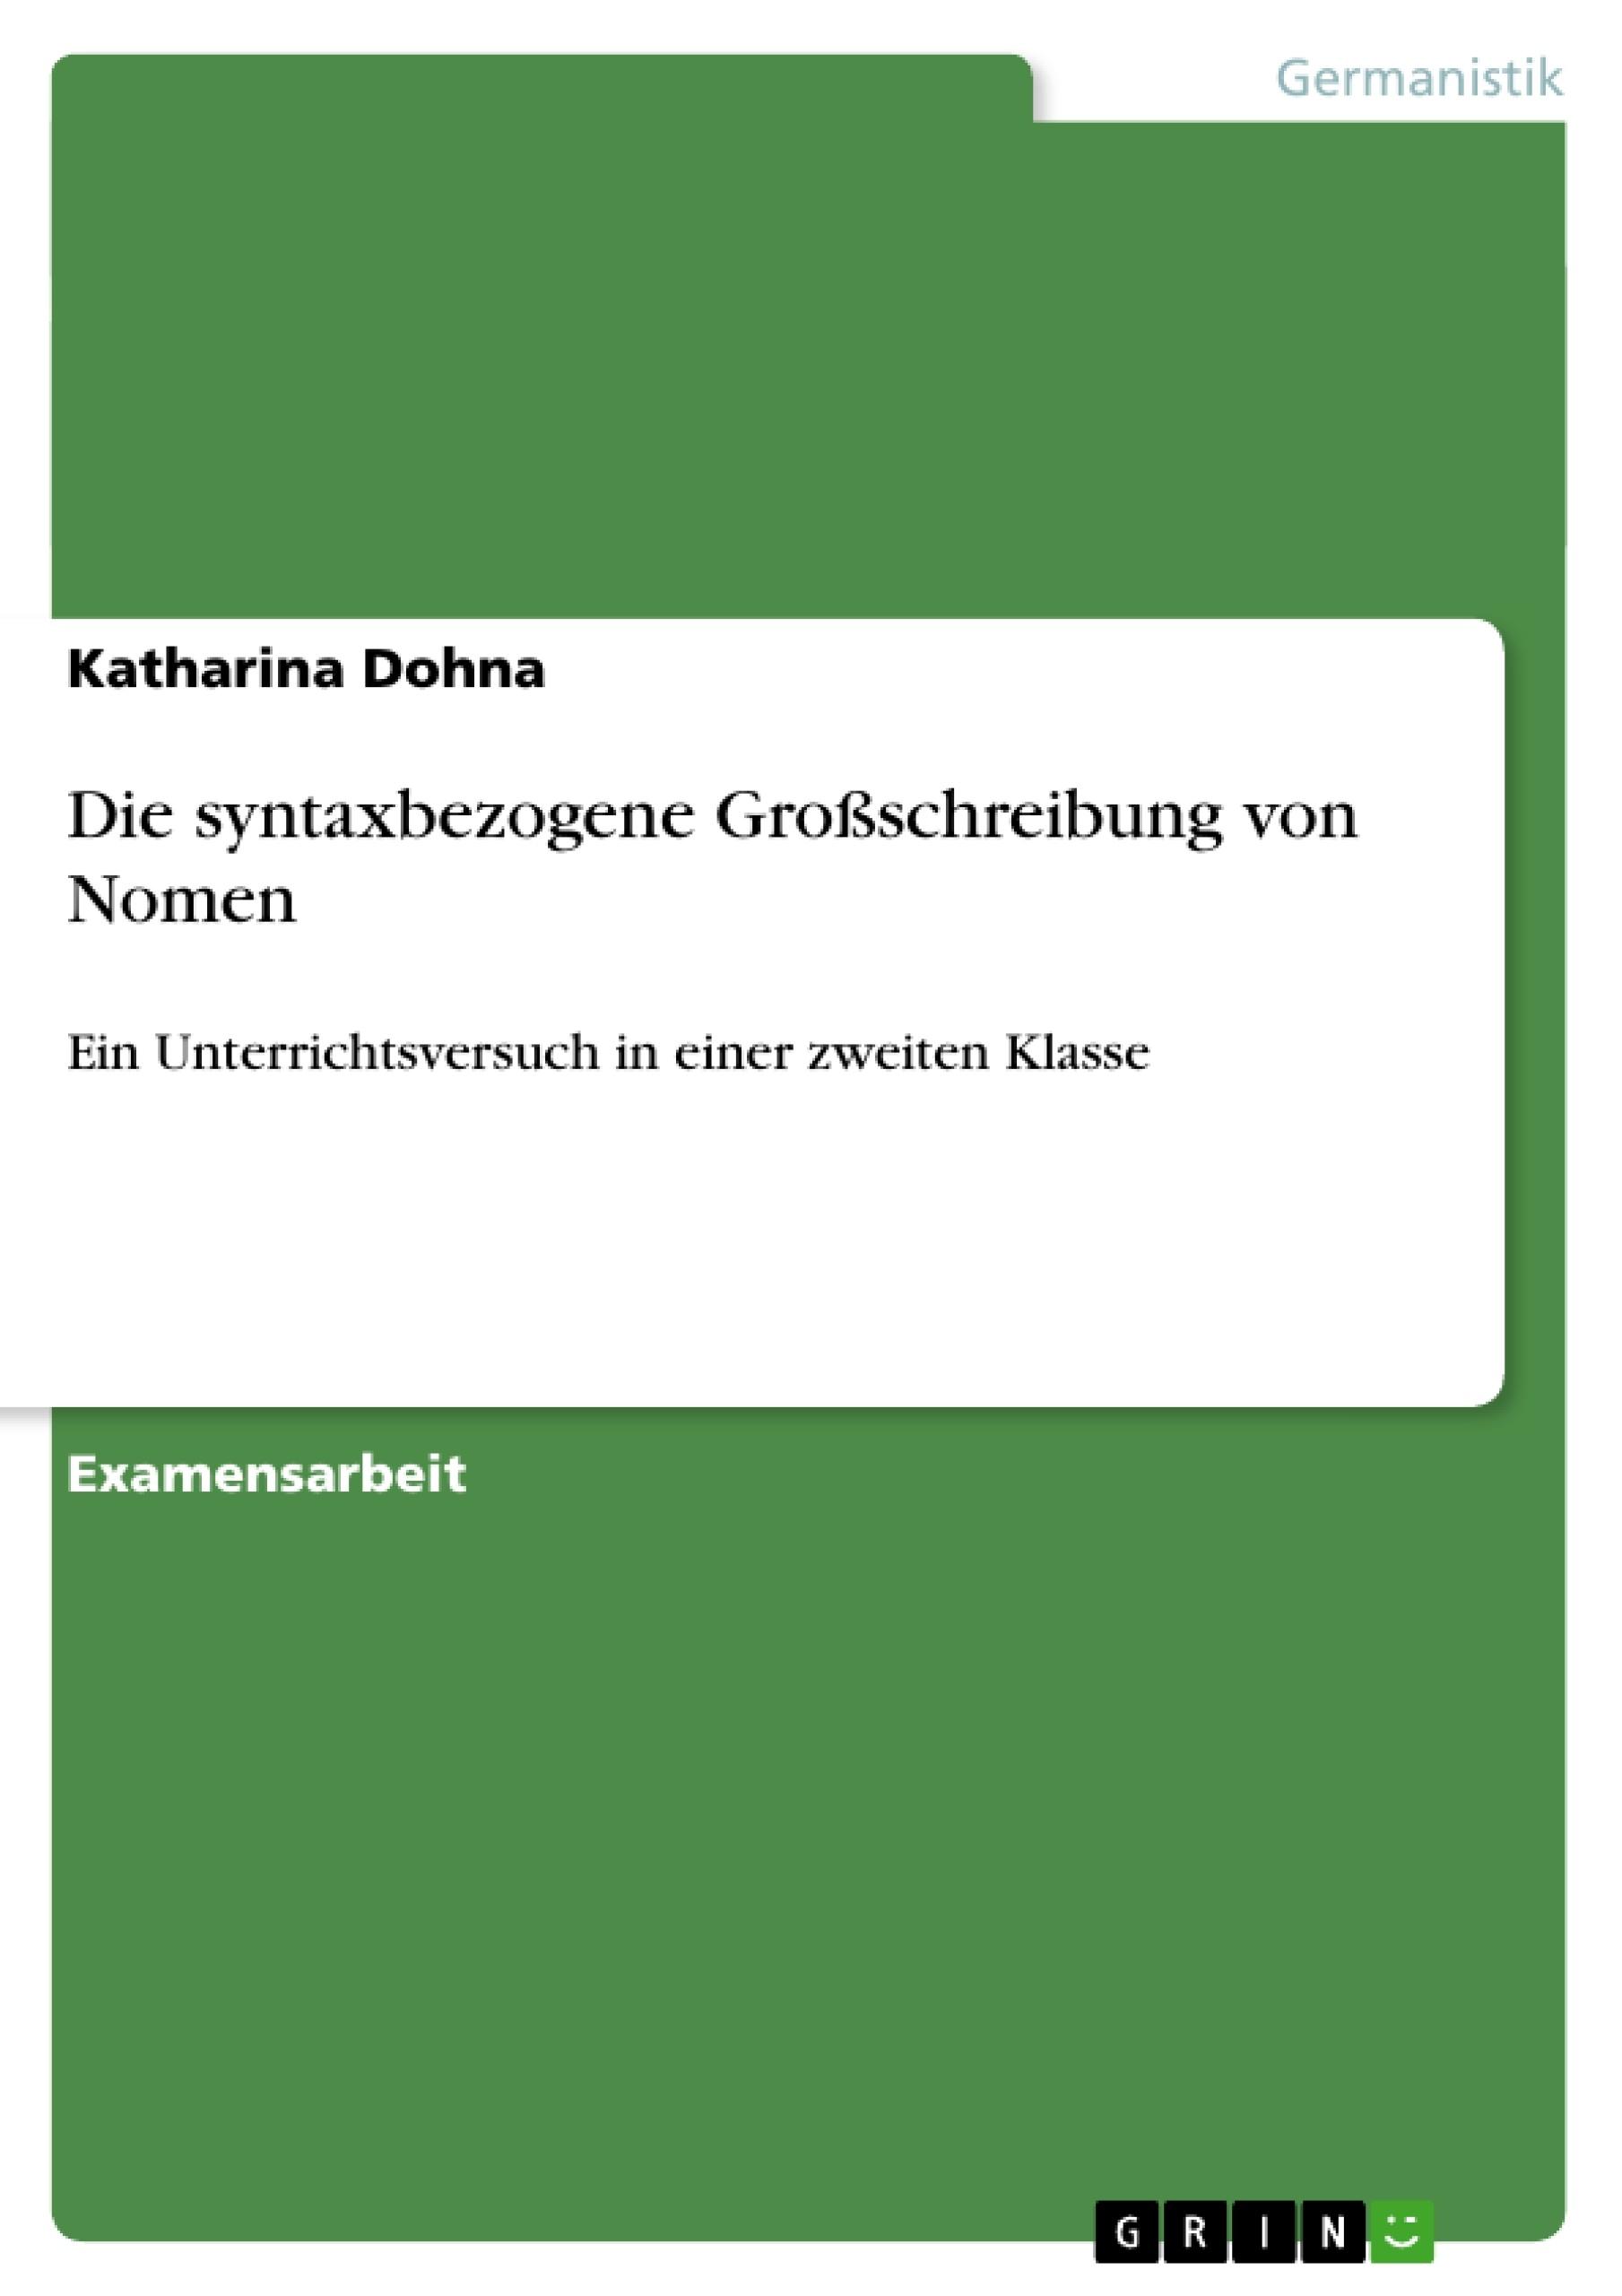 Titel: Die syntaxbezogene Großschreibung von Nomen